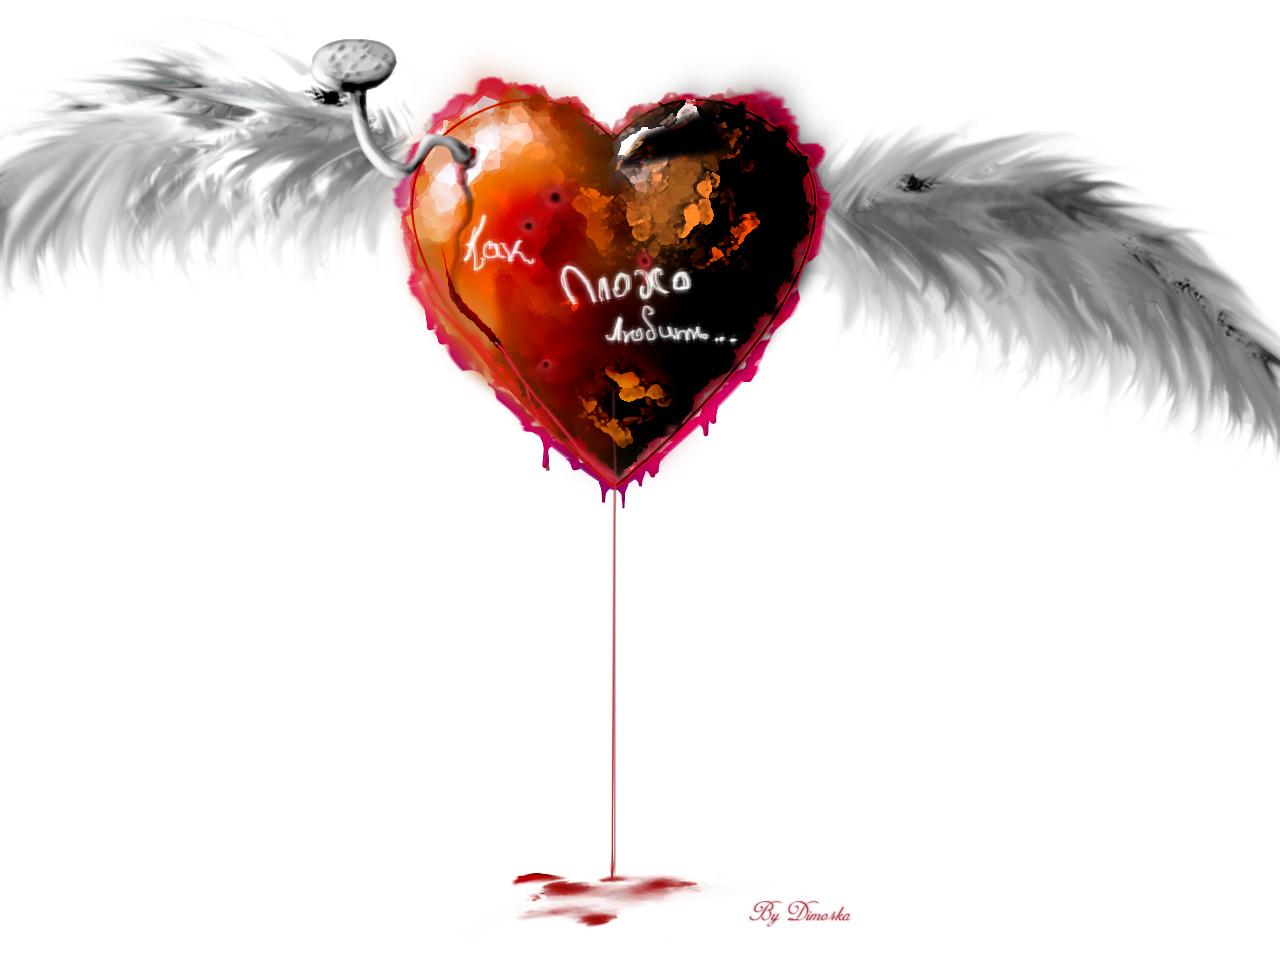 http://2.bp.blogspot.com/-QeKjetLOsRk/T-xRdu3a7WI/AAAAAAAAAjc/l8xq-1q9D6A/s1600/Bleeding%2BHeart%2BLove%2BWallpaper.jpg